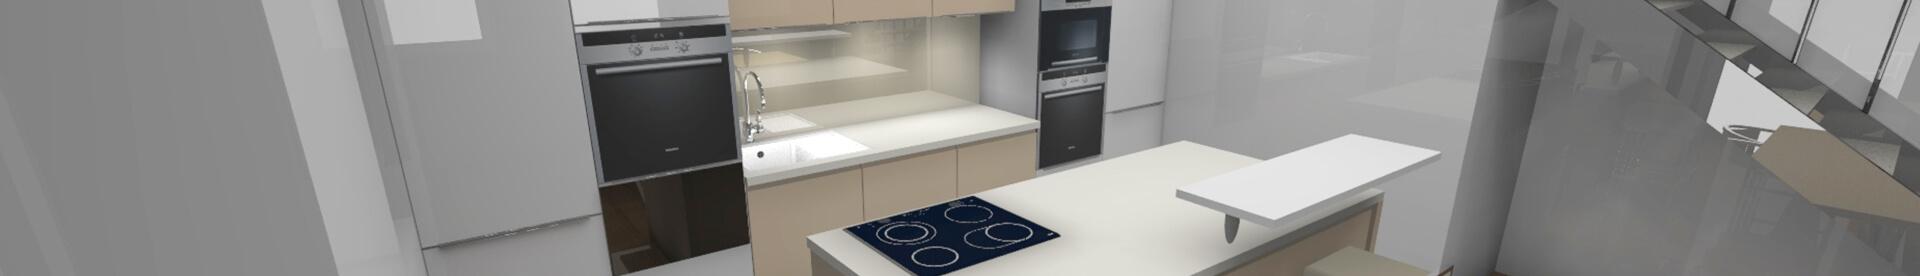 Vizualizácie kuchýn od DAN KUCHEN v 3D